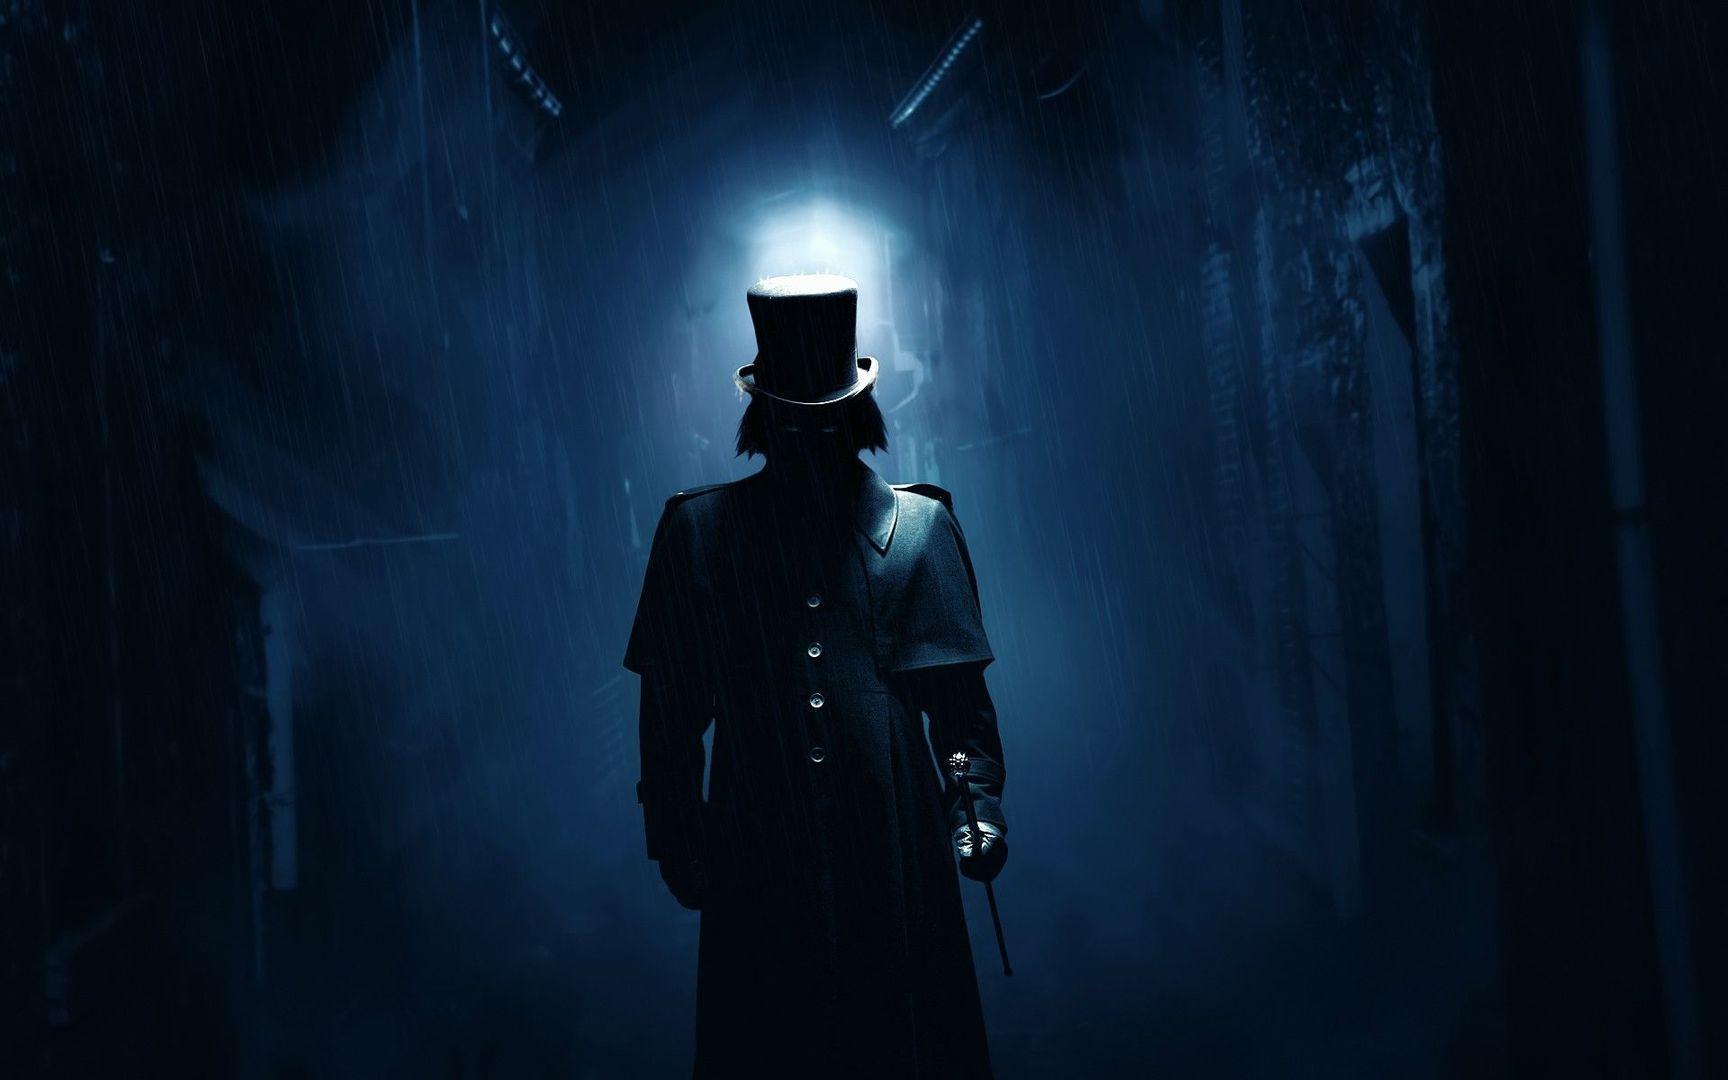 ประธานาธิบดี ลินคอล์น นักล่าแวมไพร์